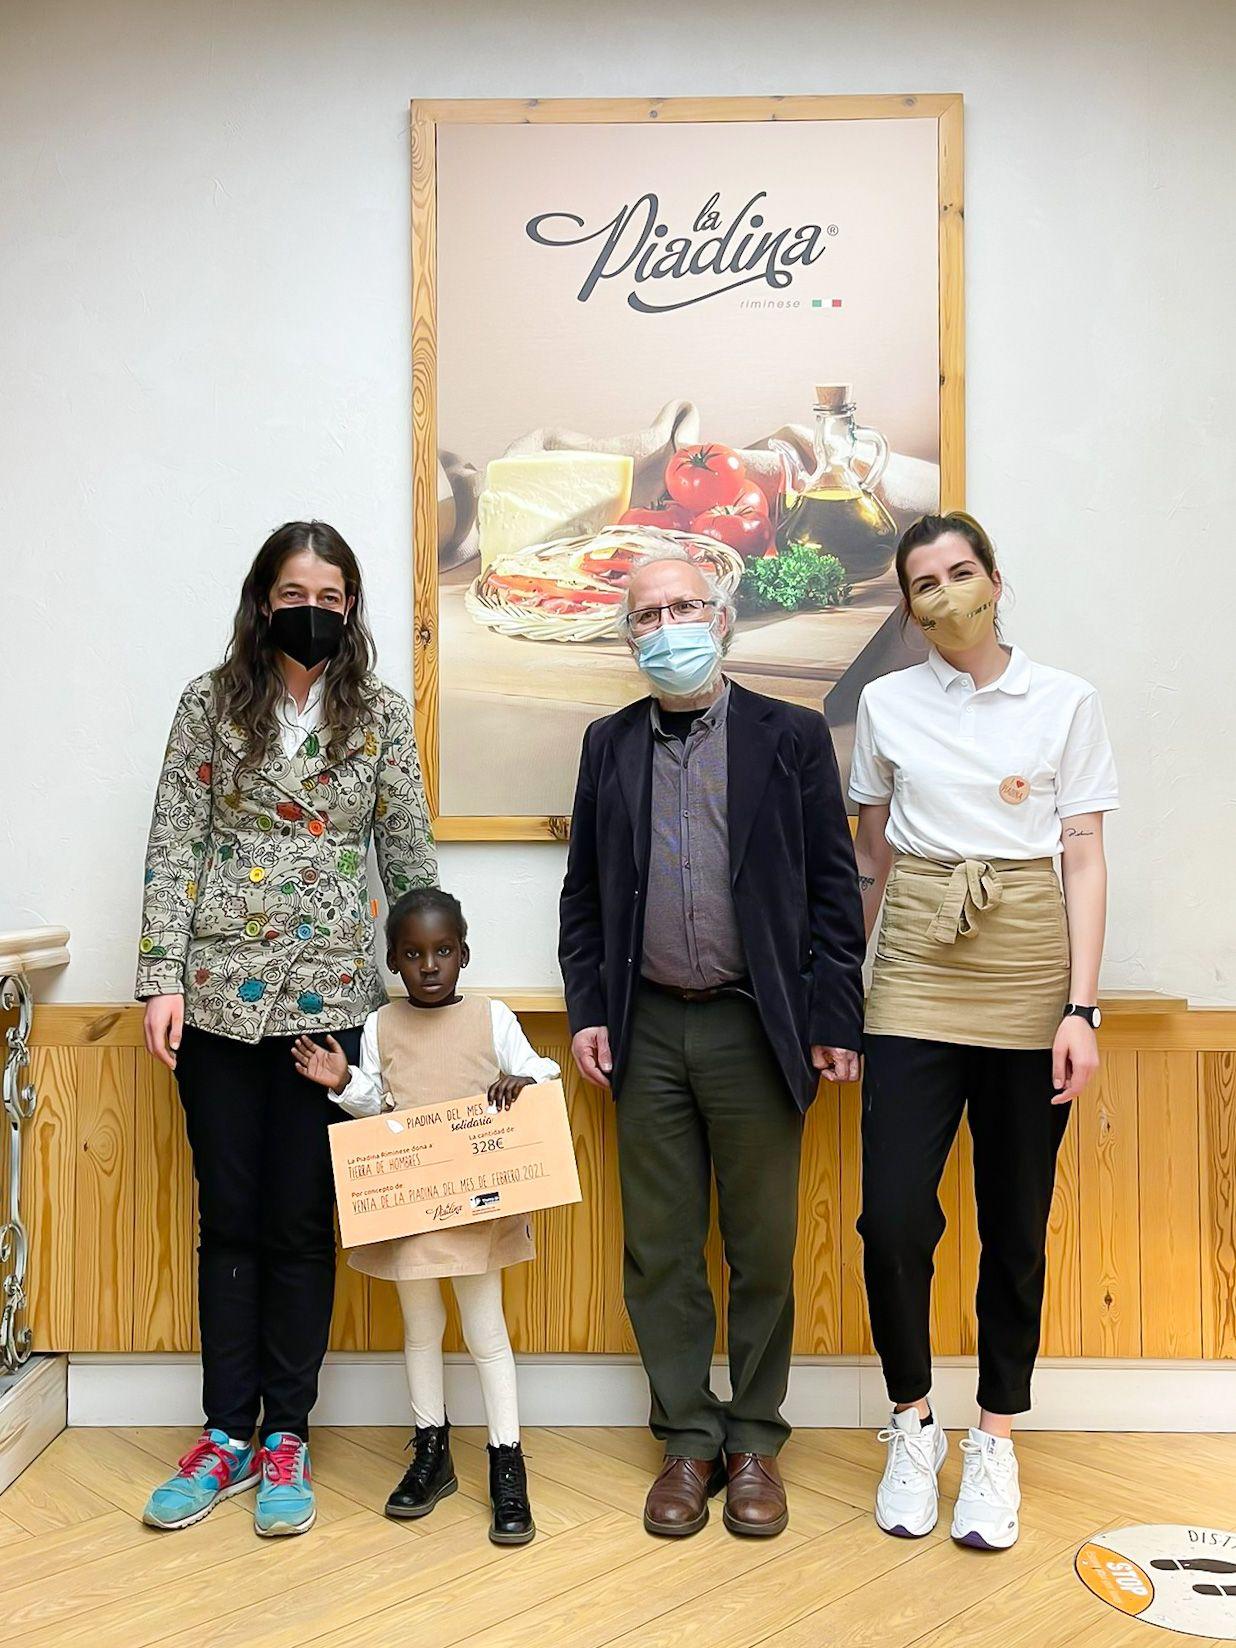 Donación Piadichef 2021